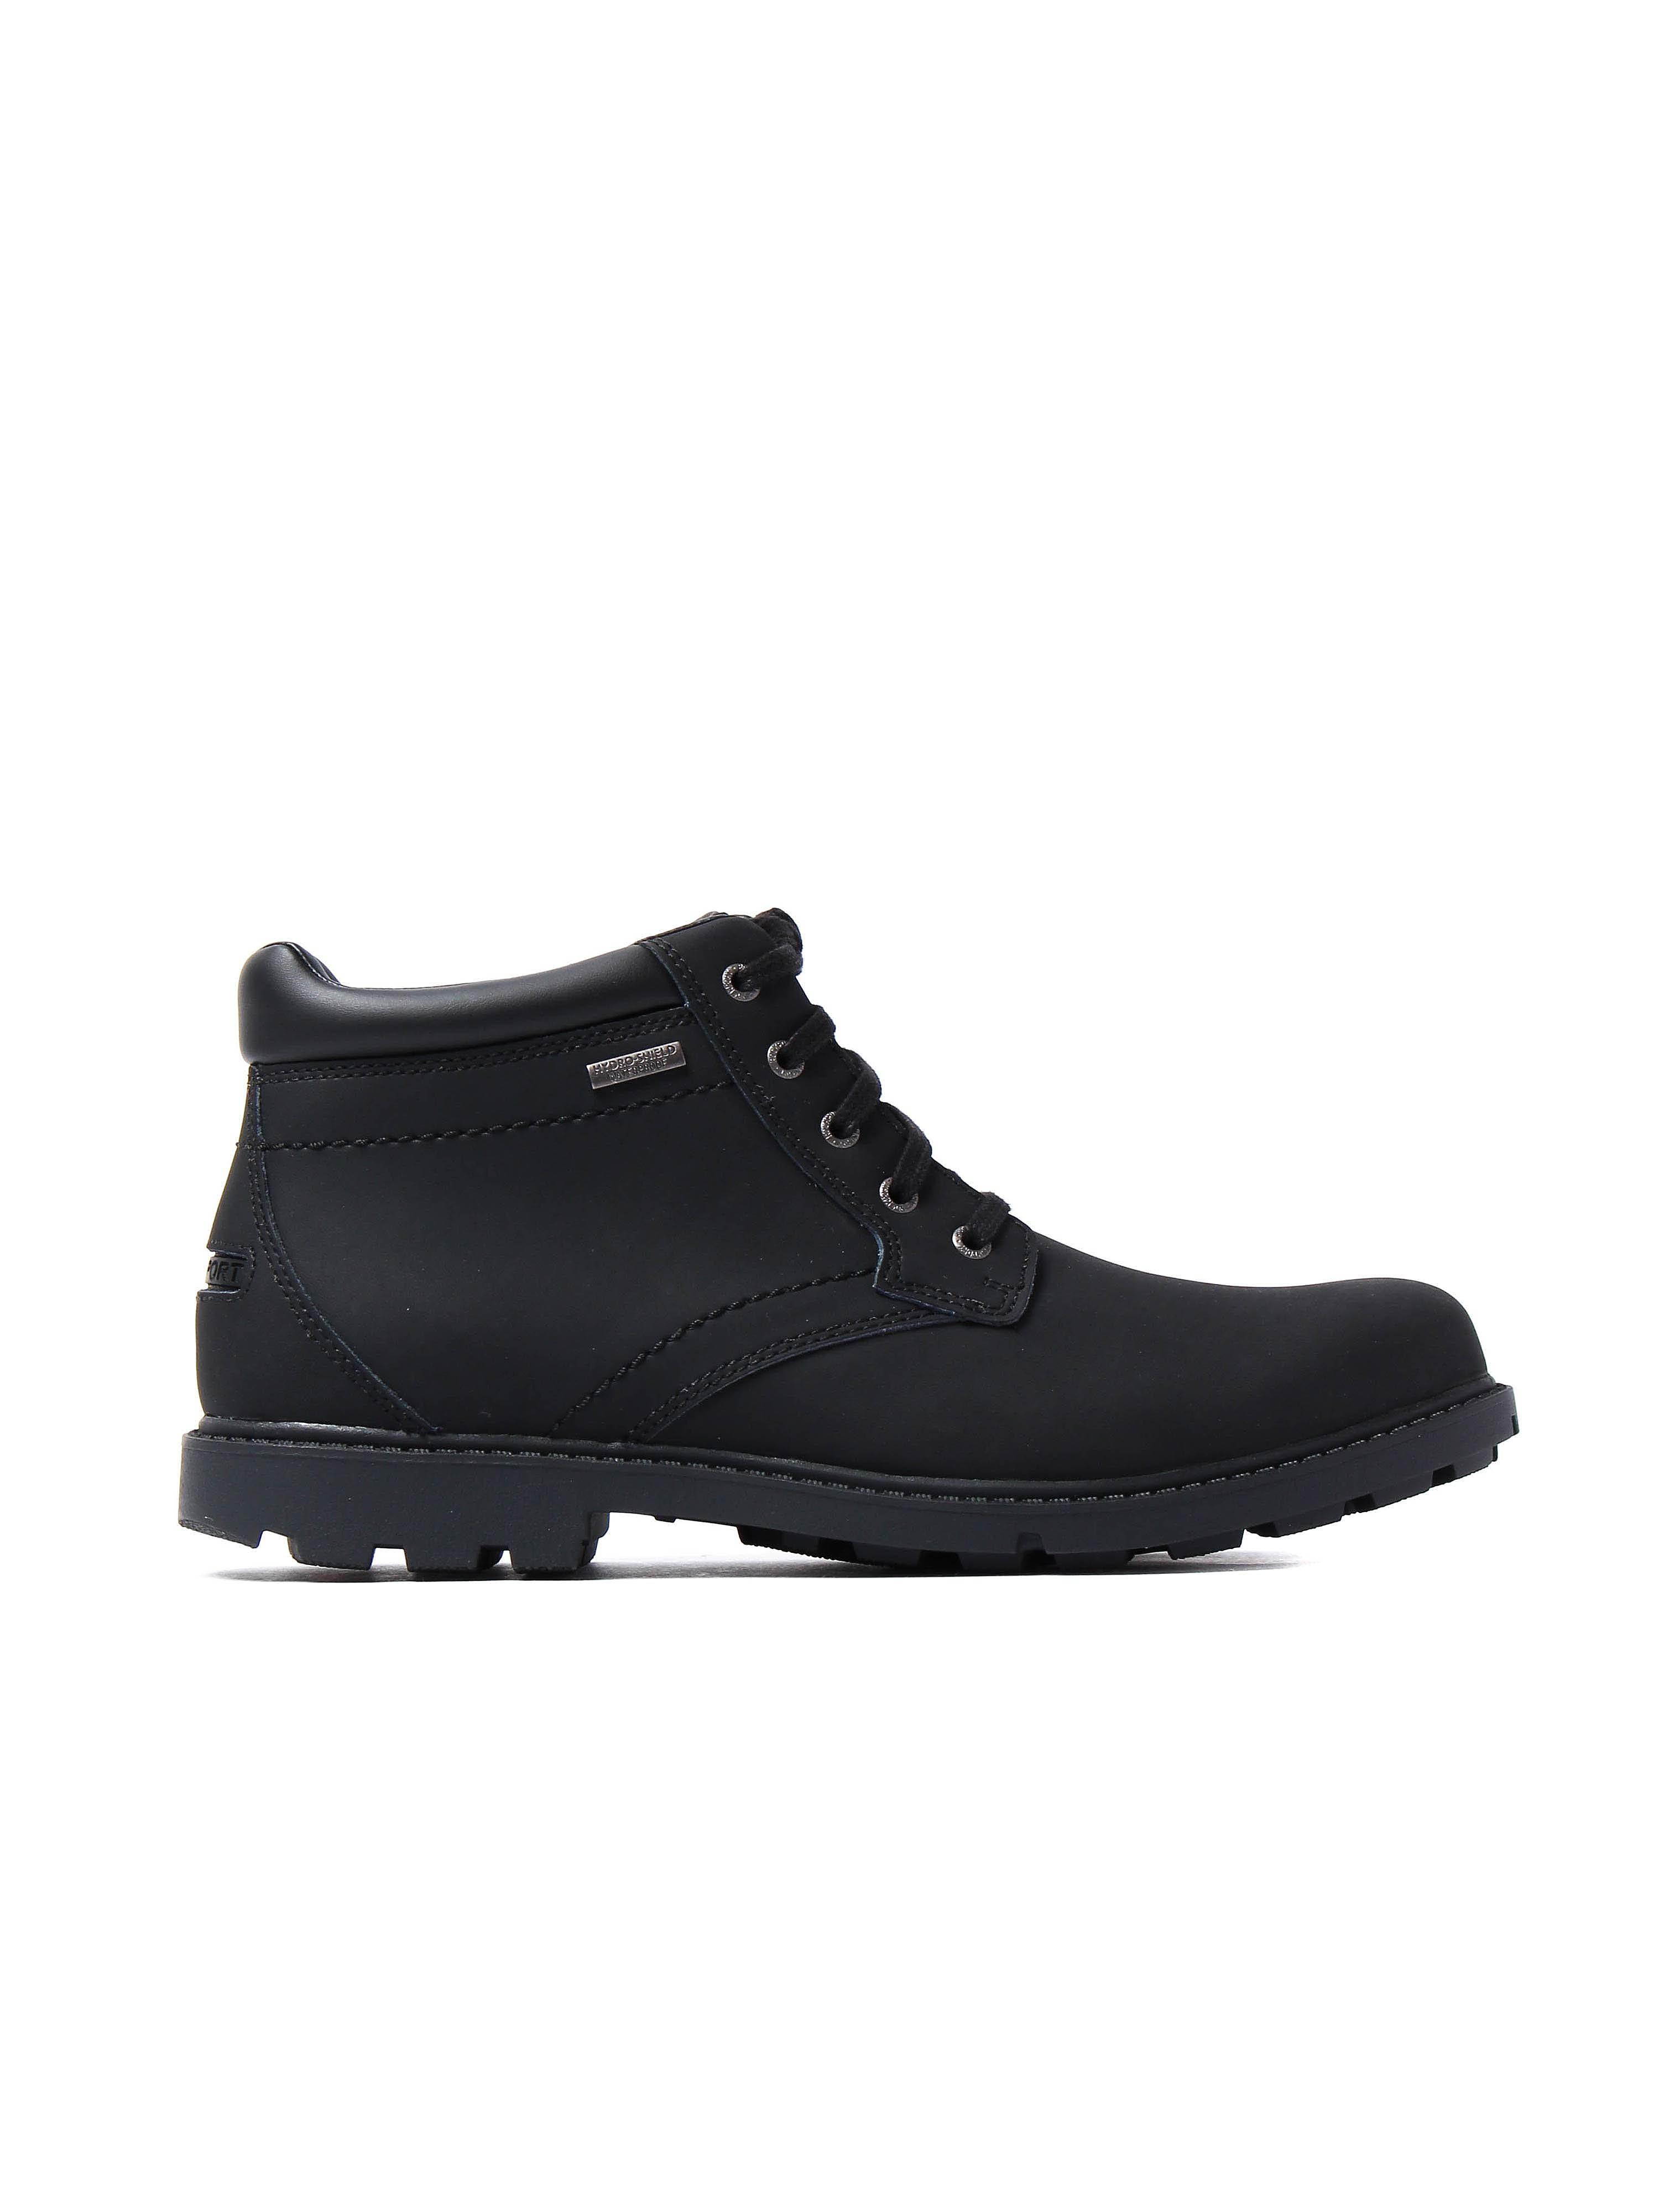 Rockport Men's Surge Storm Boots - Black Leather